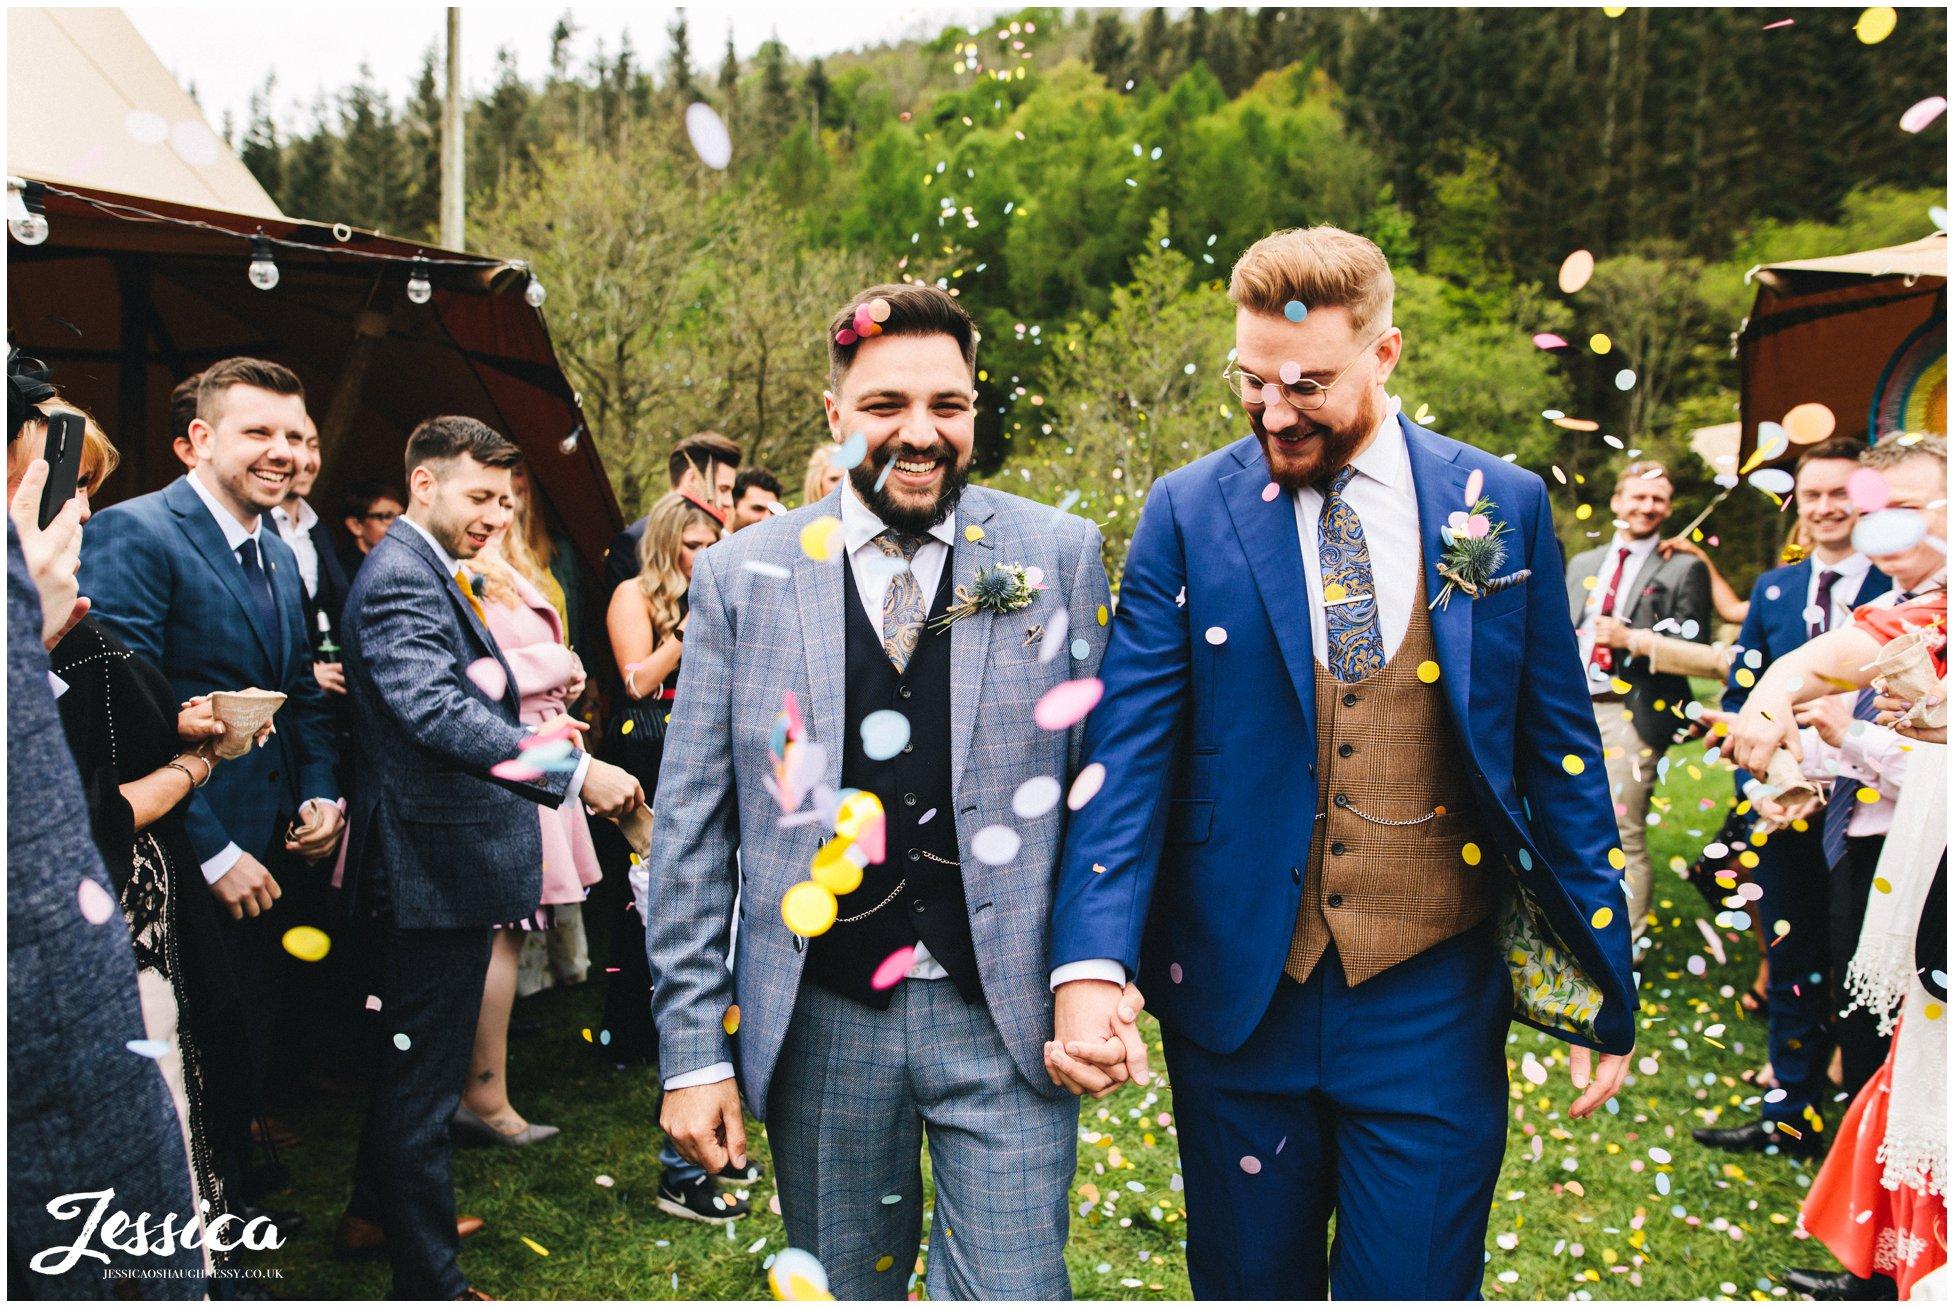 groom & groom walk through their confetti line